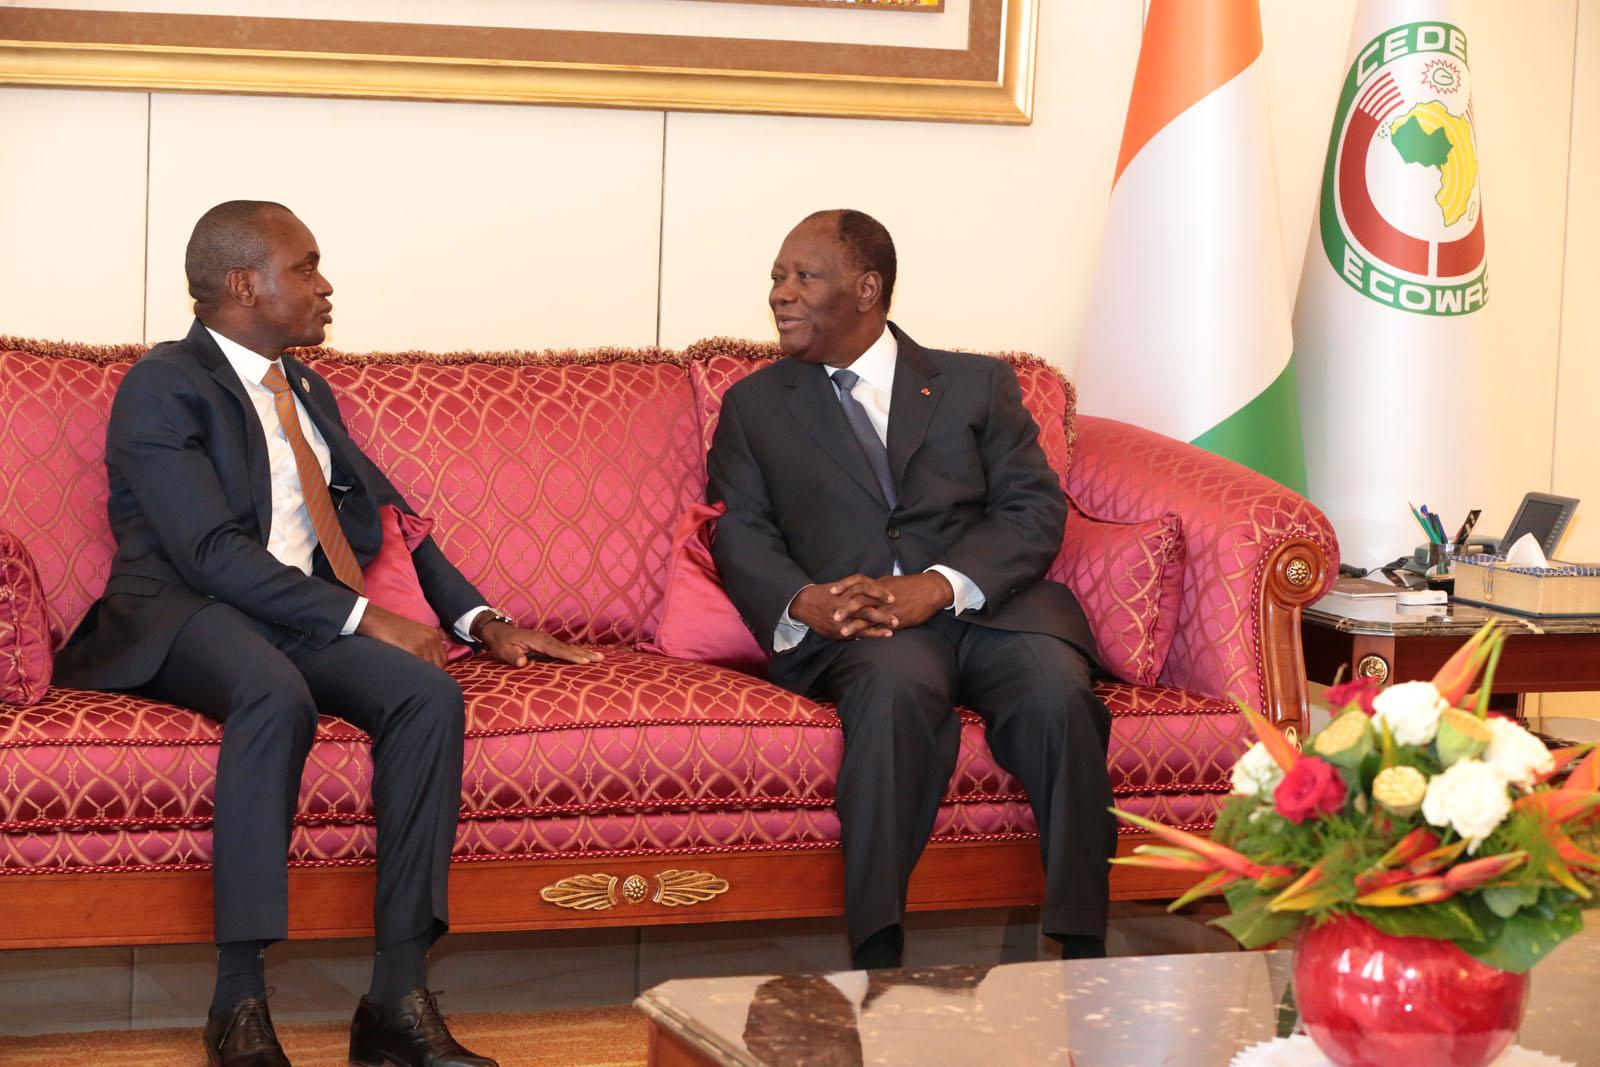 Le Chef de l'Etat a échangé avec le Président de la Cour Africaine des Droits de l'Homme et des Peuples.